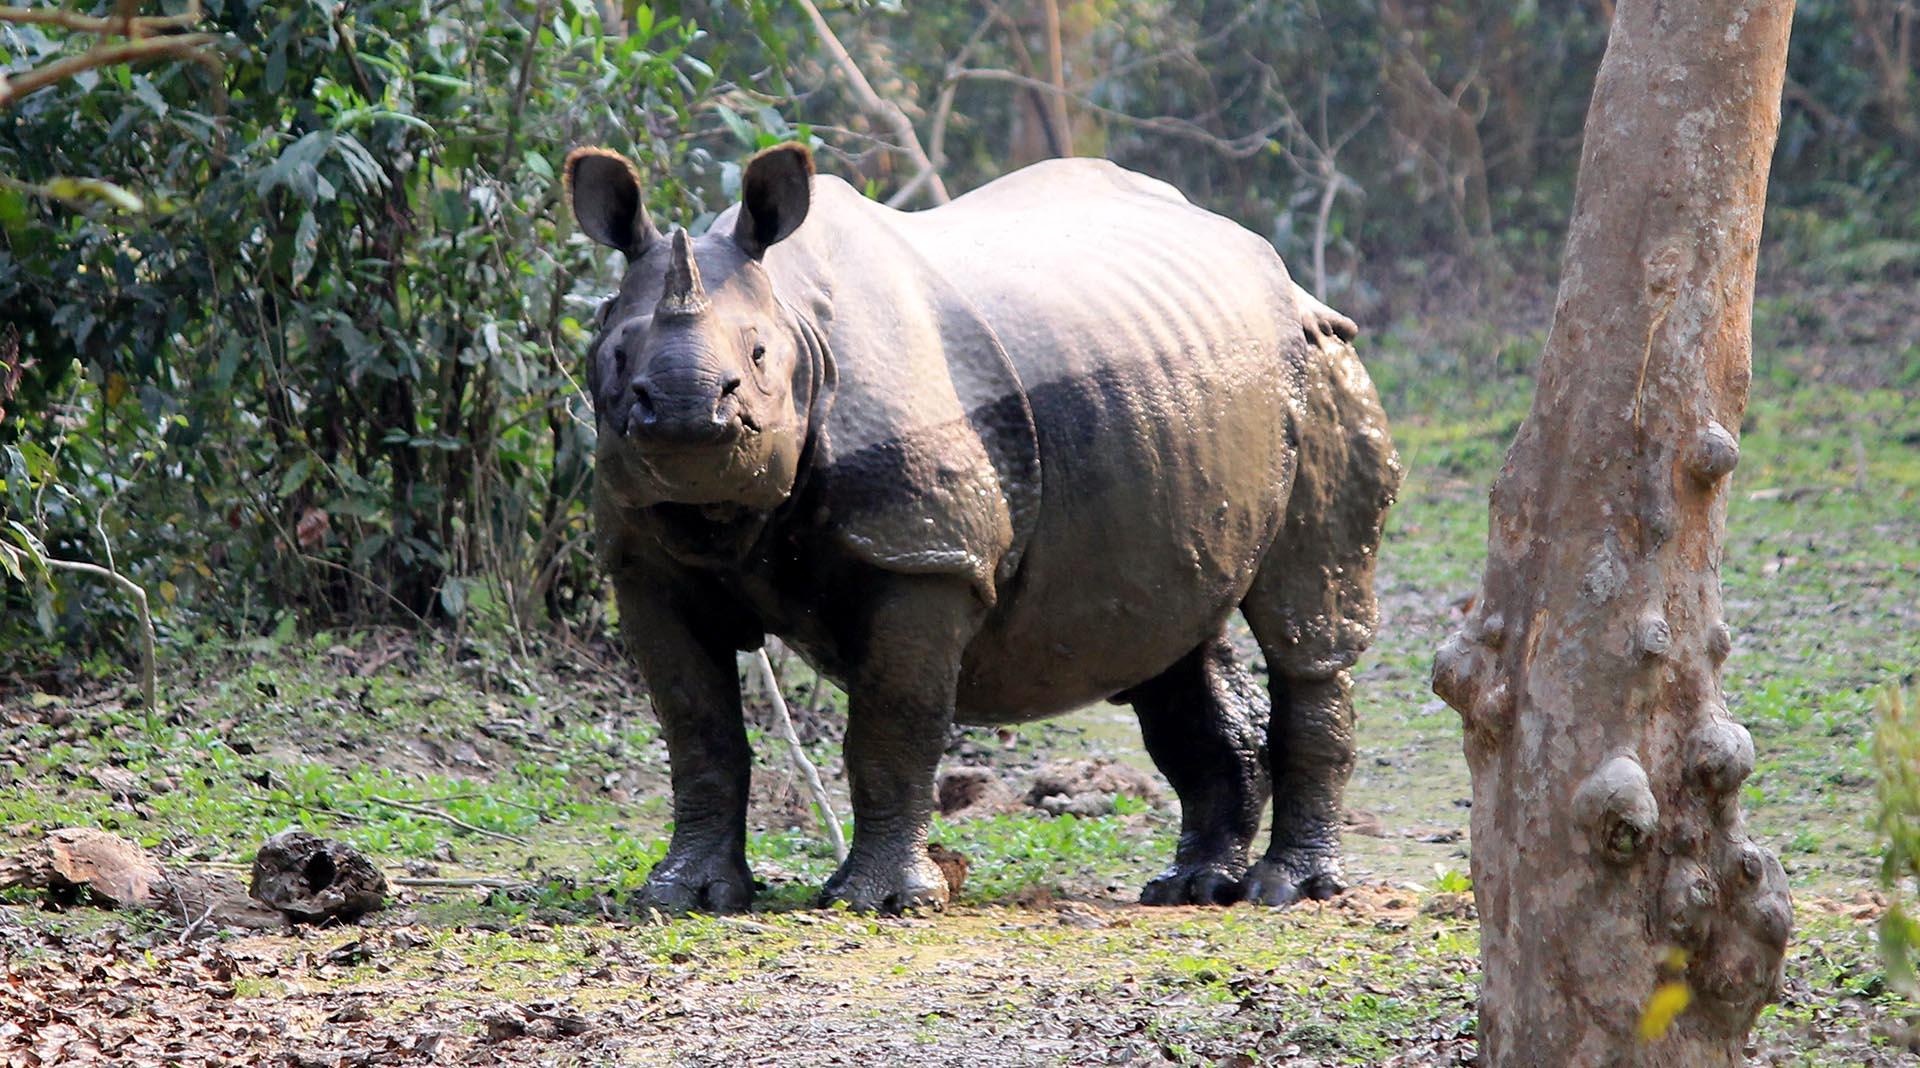 Nepal One-Horned Rhinos Increase of 107 in 6 Years<